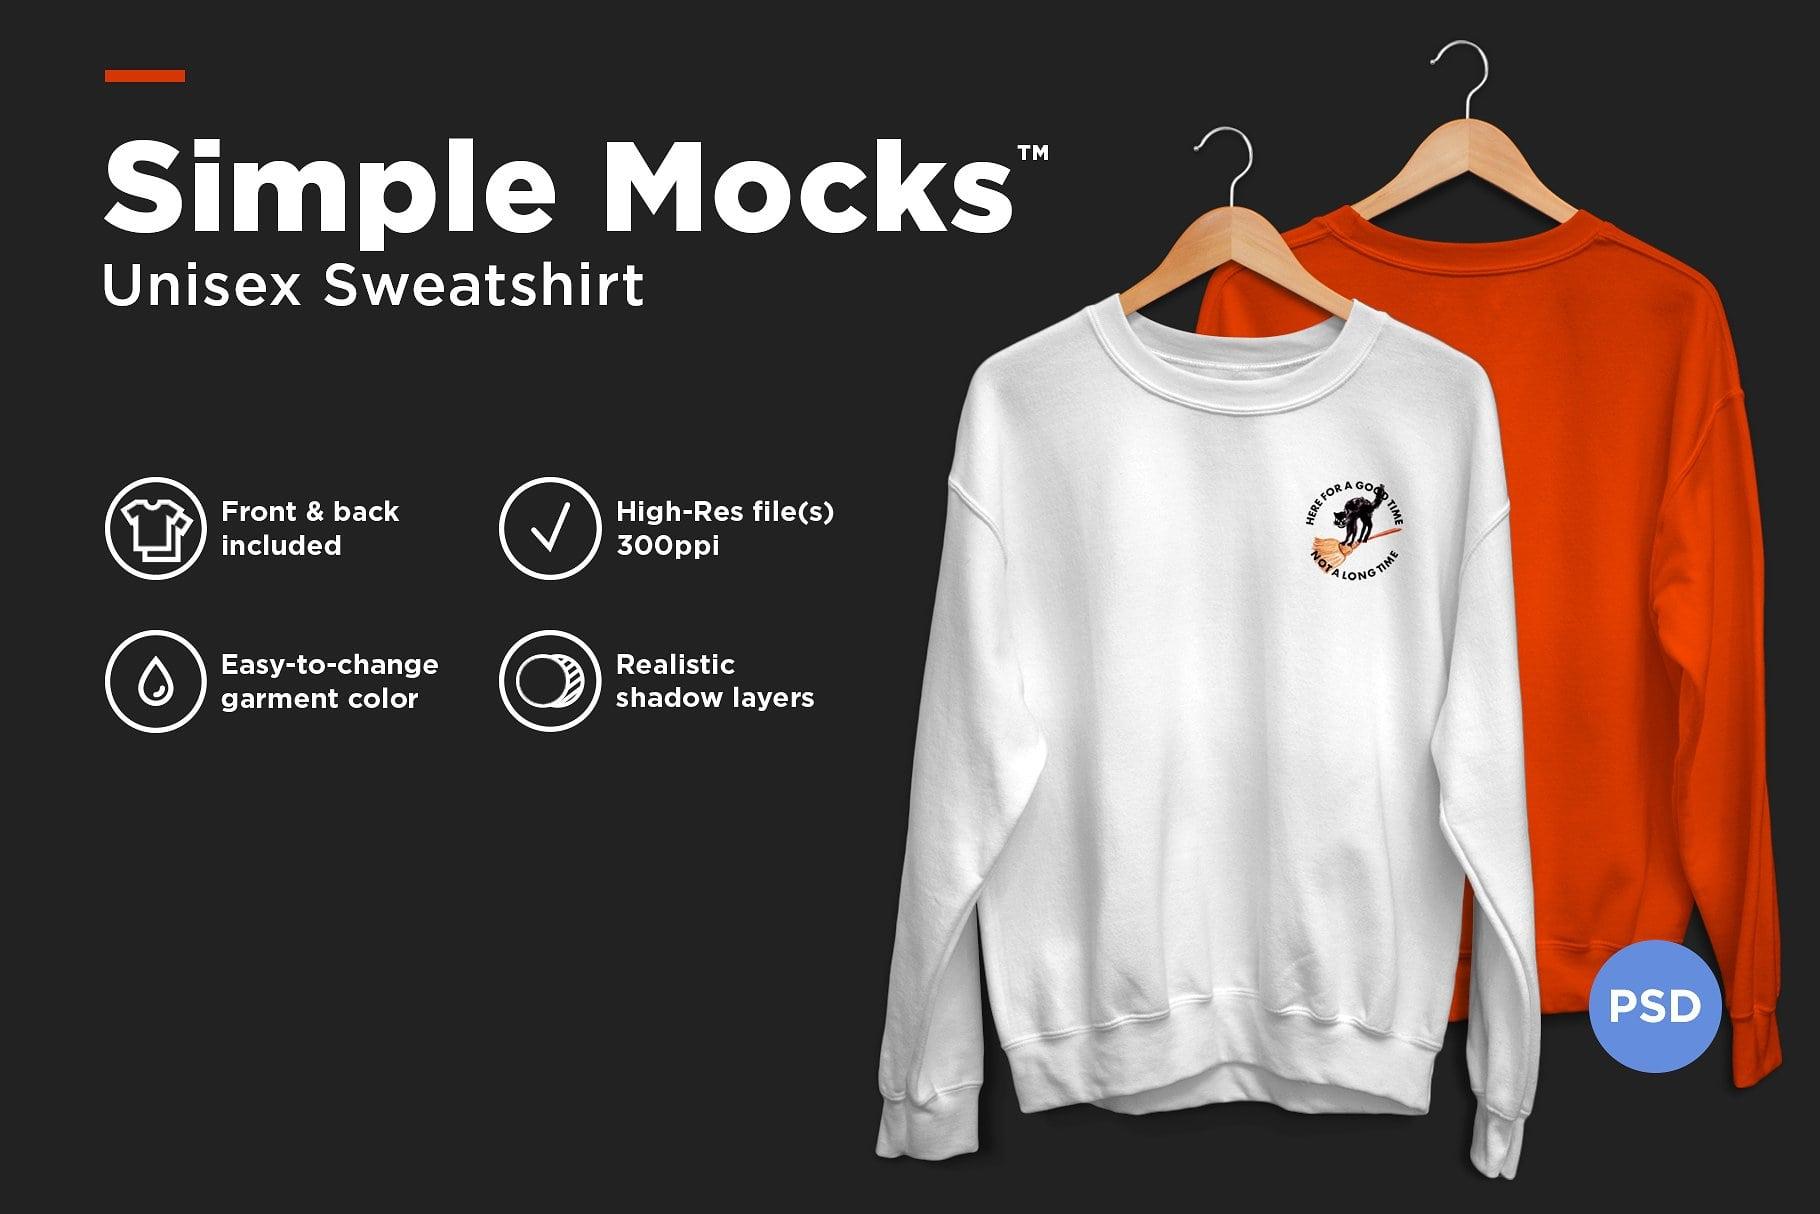 Unisex Sweatshirt Mockup